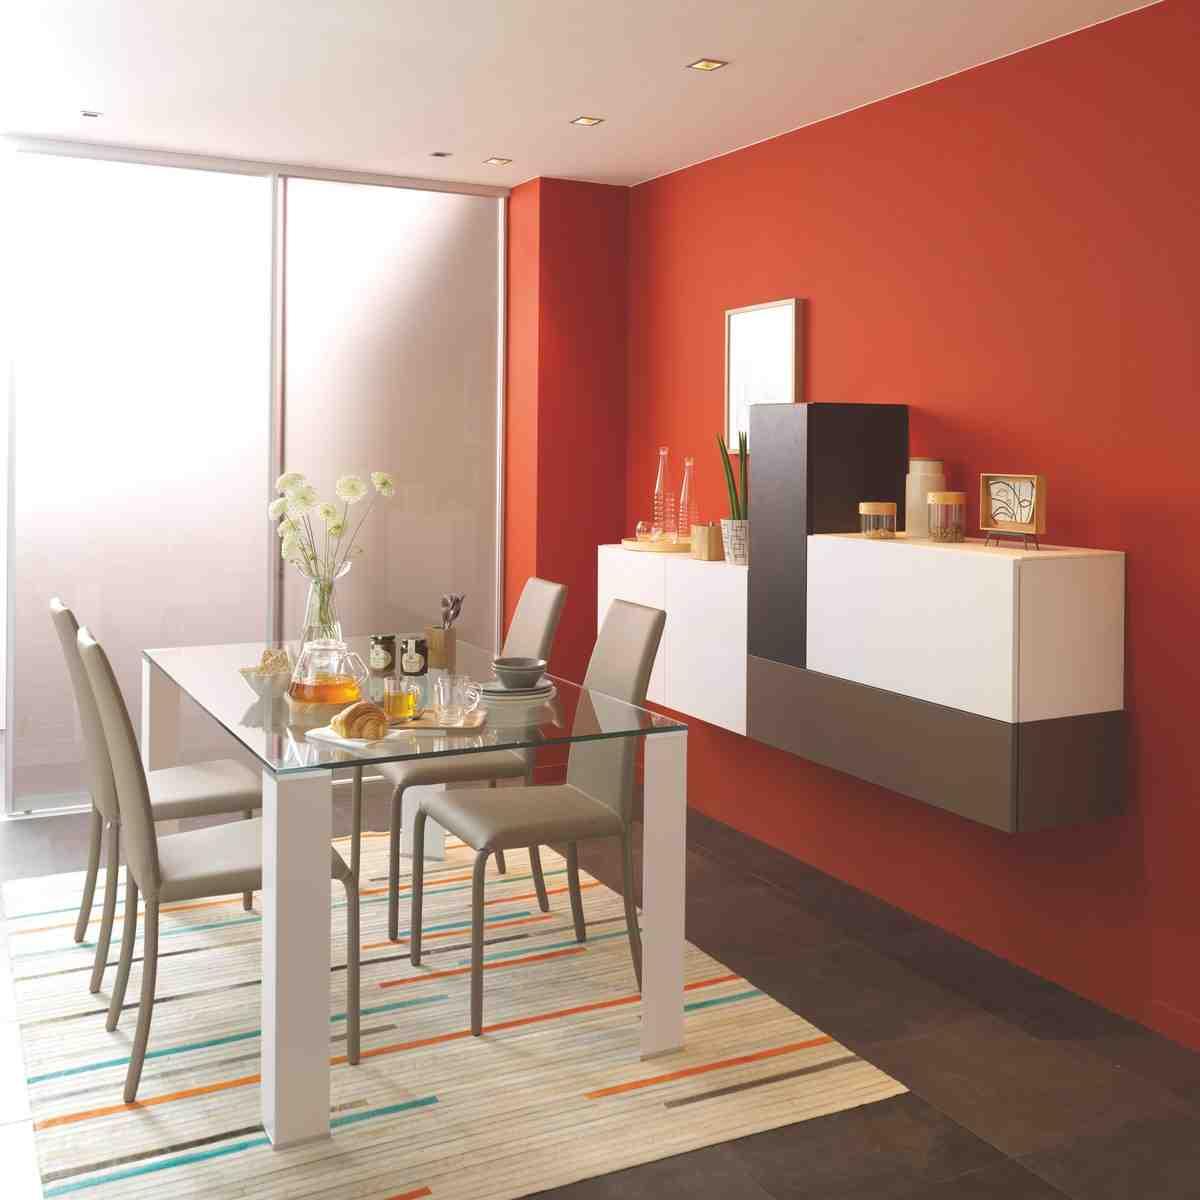 Quelle couleur pour salle à manger ?